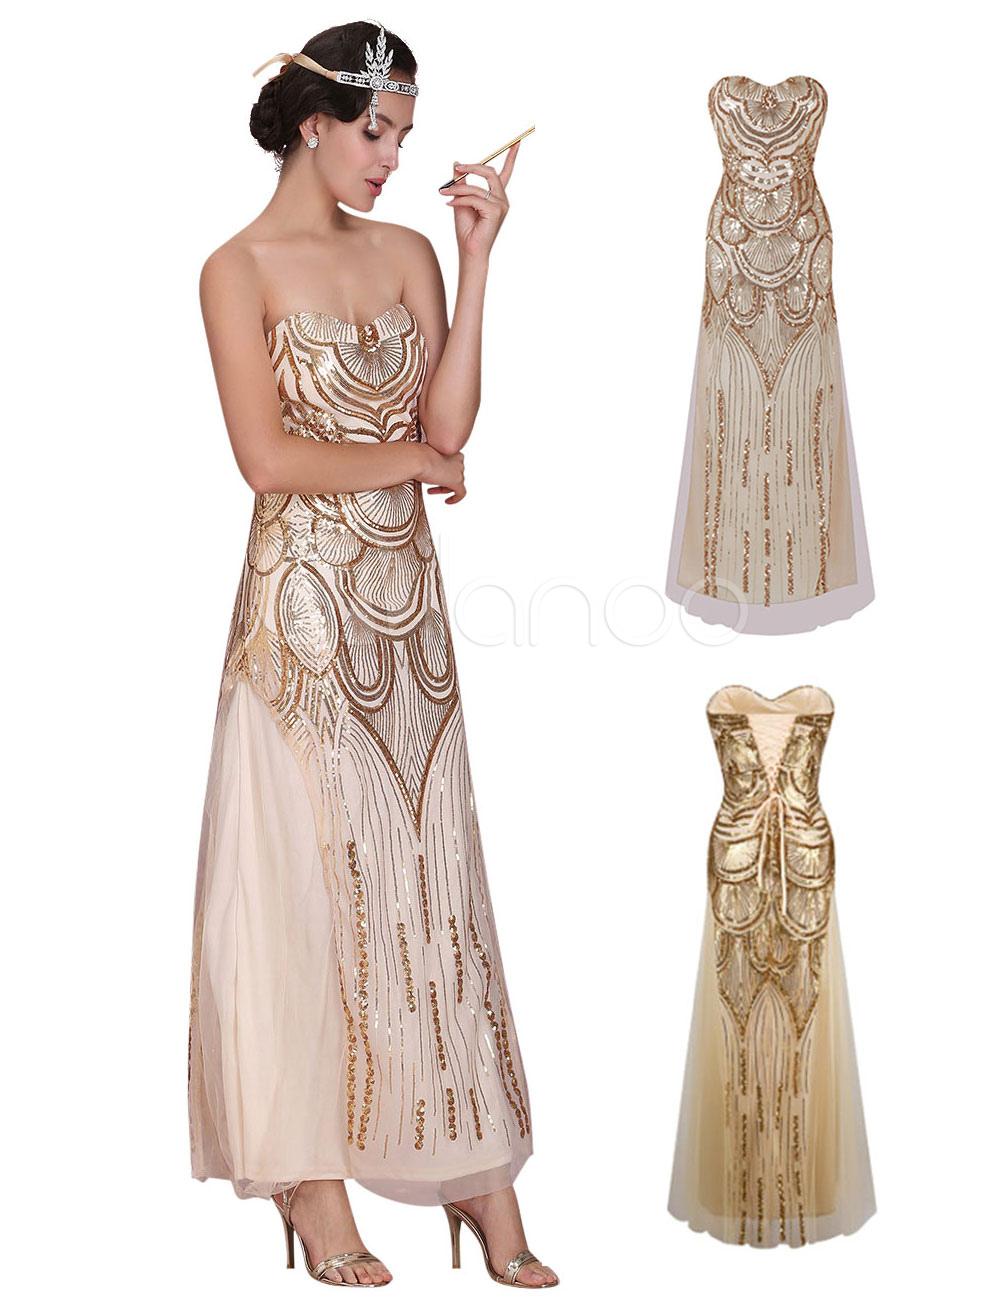 charleston kleid 20er jahre kleid vintage kleidin golden